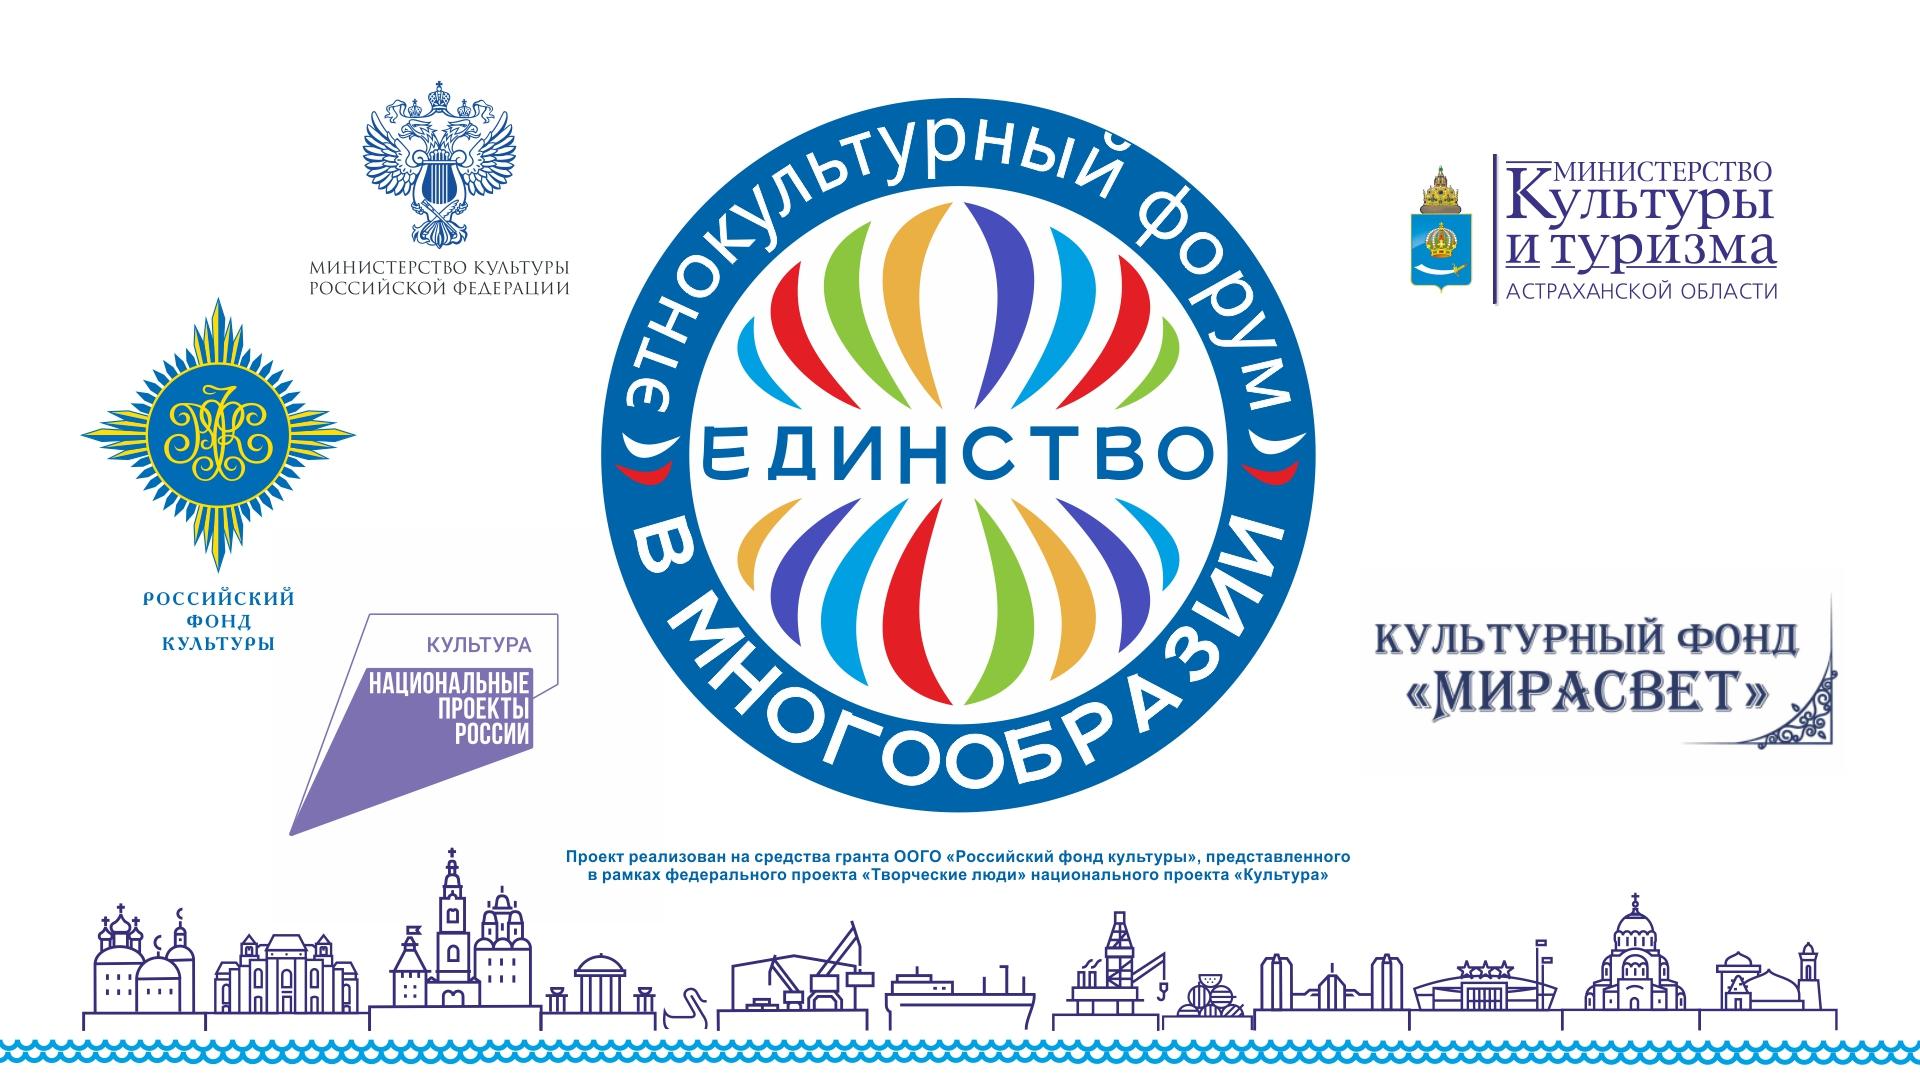 В Астрахани состоится Этнокультурный форум «Единство в многообразии»